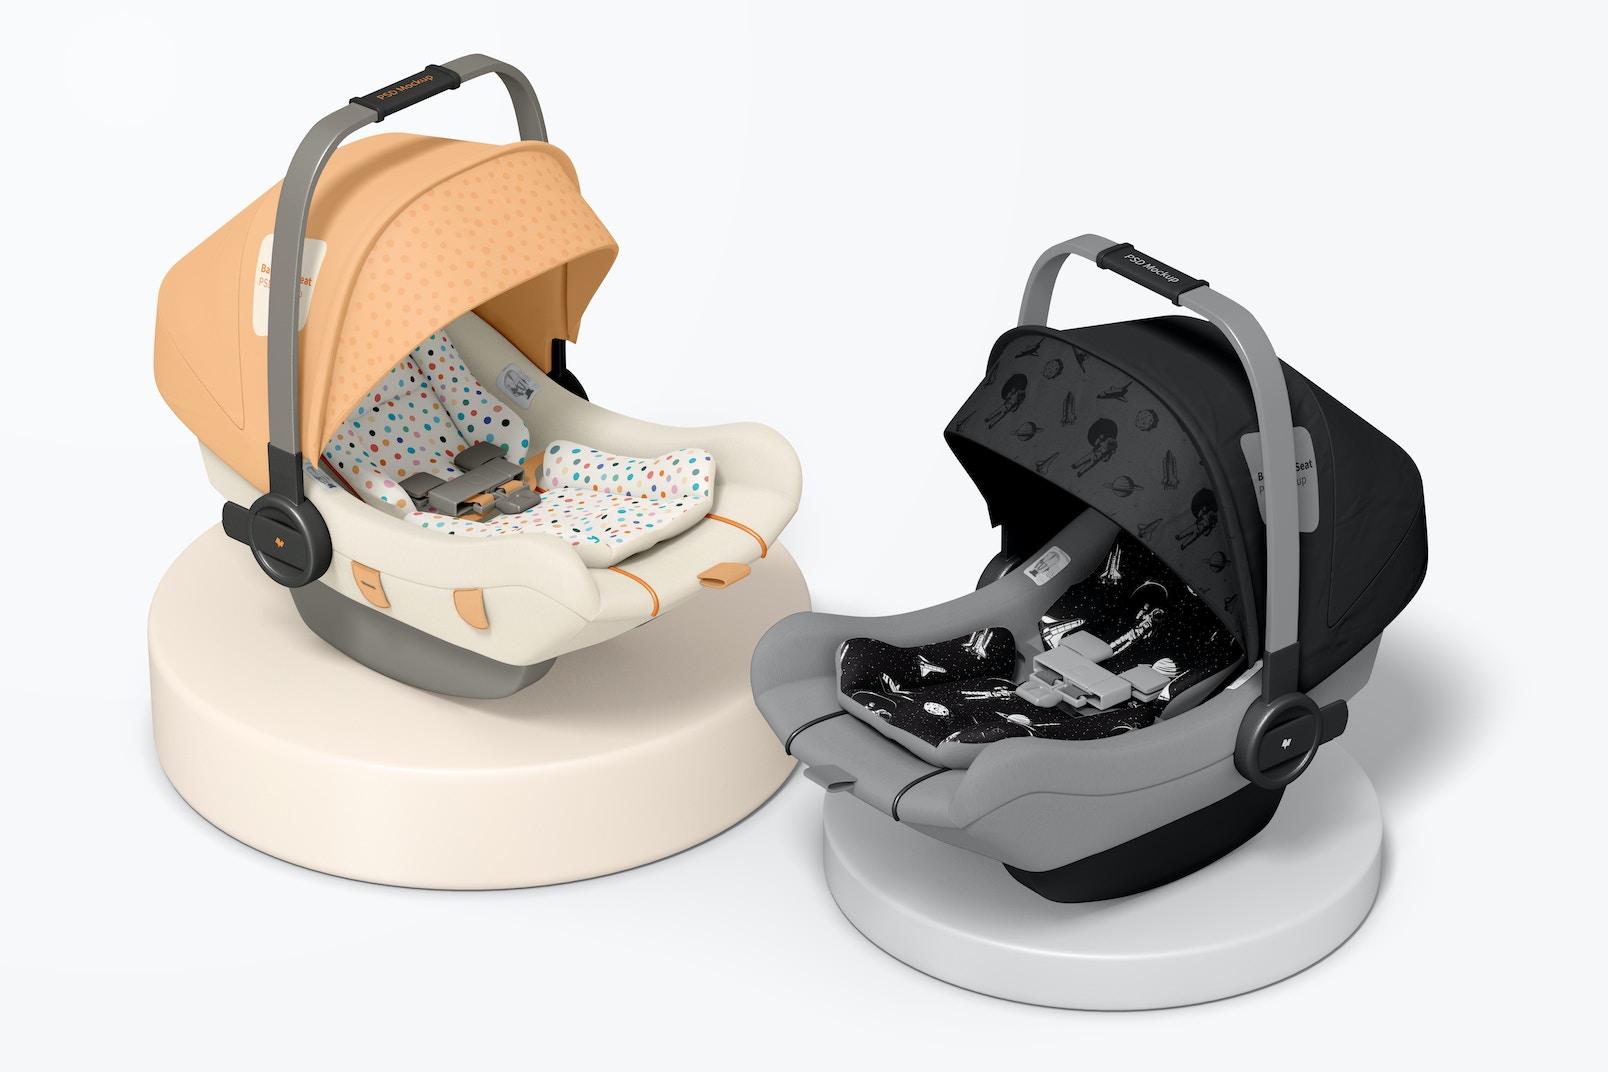 Baby Car Seats Mockup, Top View